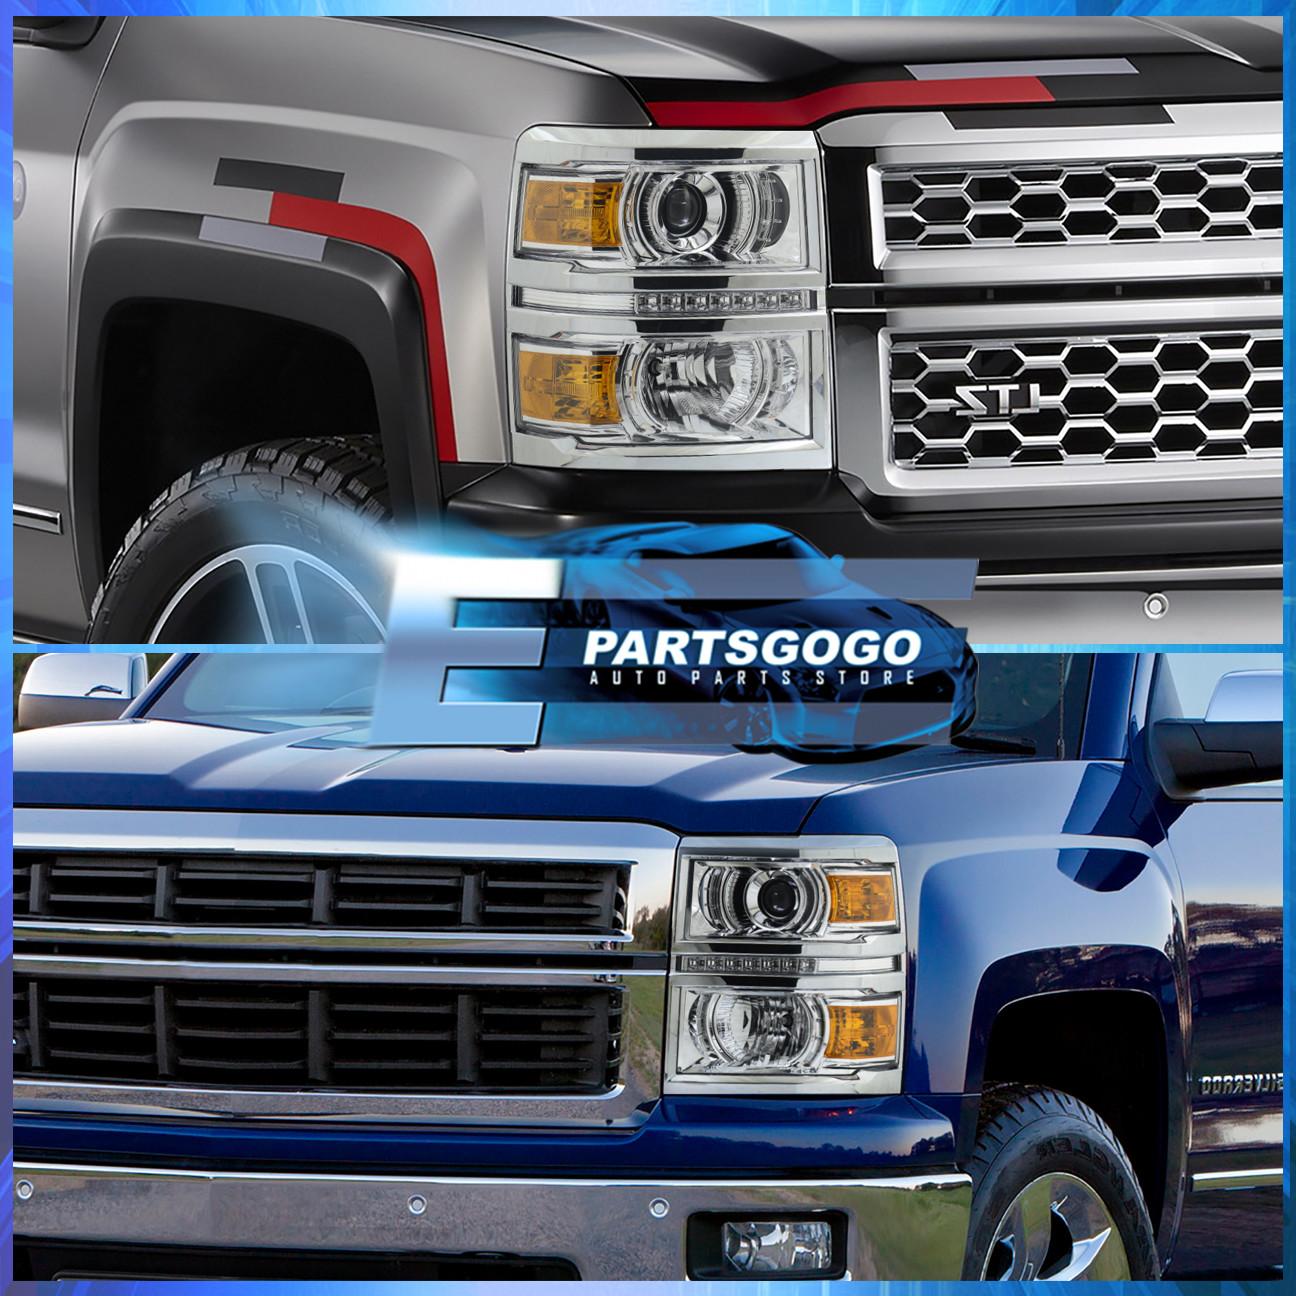 z_177774_1_0 X Oem Wiring Harness on hot rod, fuel pump, fog light, classic truck, best street rod, aftermarket radio,